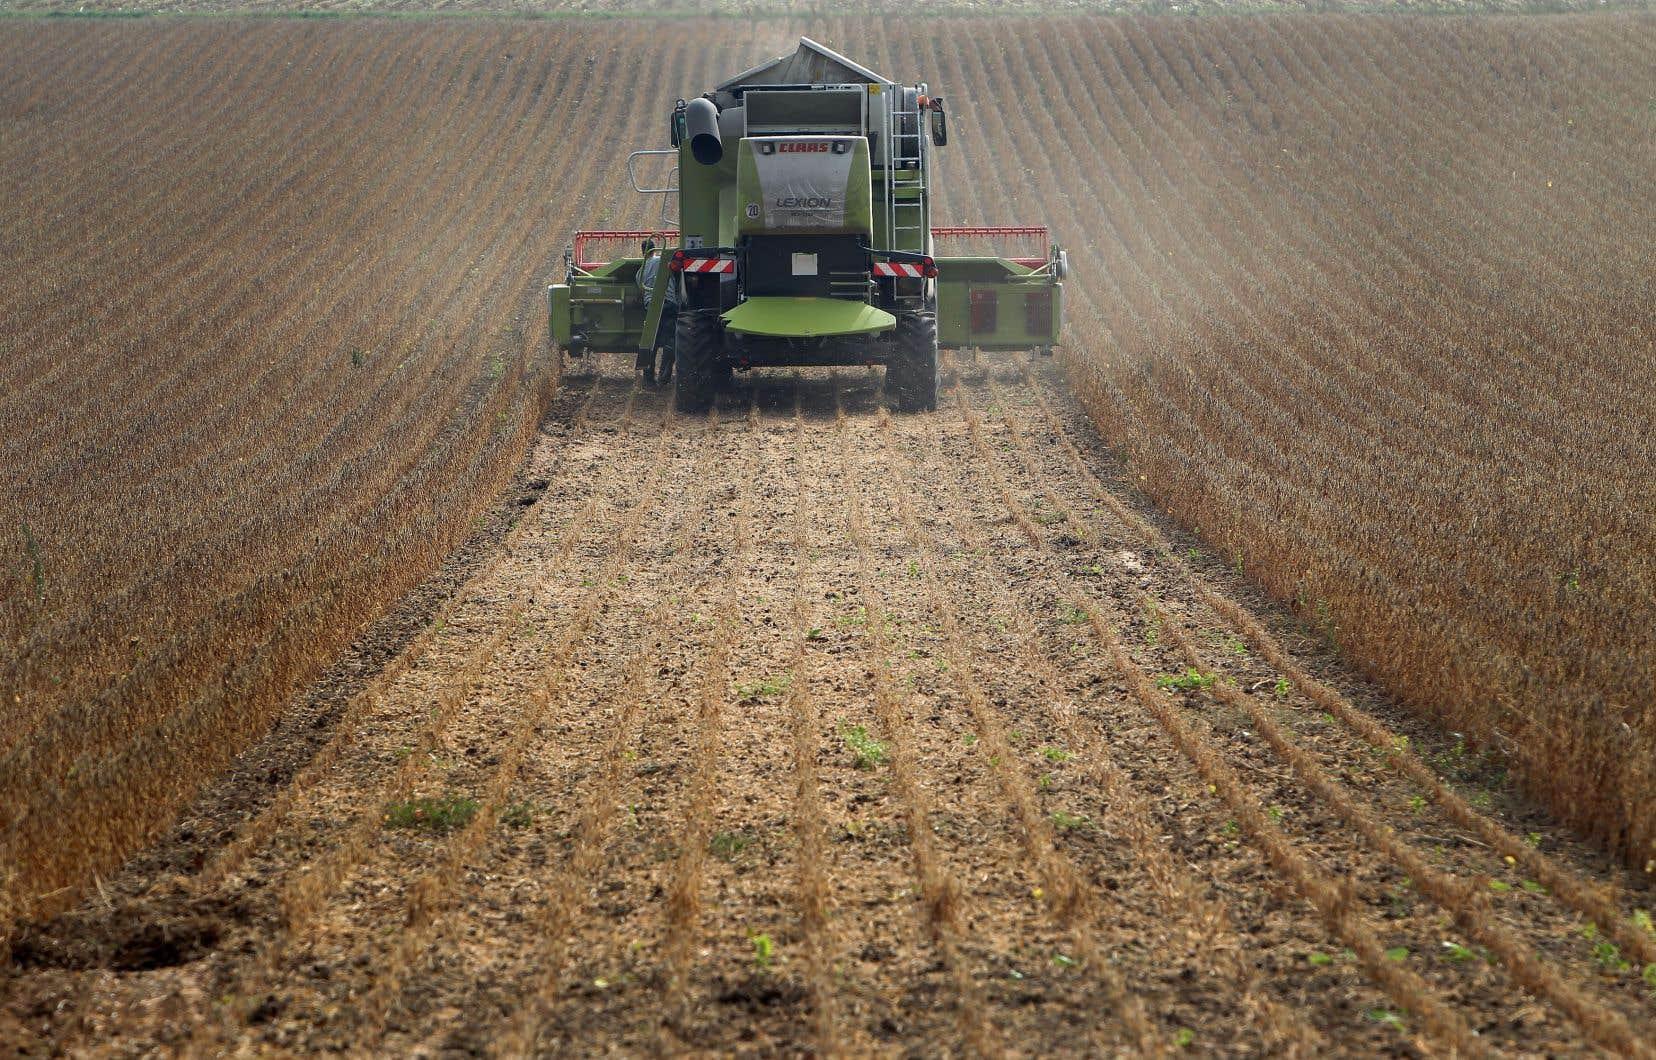 Le comité doit entre autres se pencher sur les semences traitées aux insecticides, plus précisément le maïs et le soya.